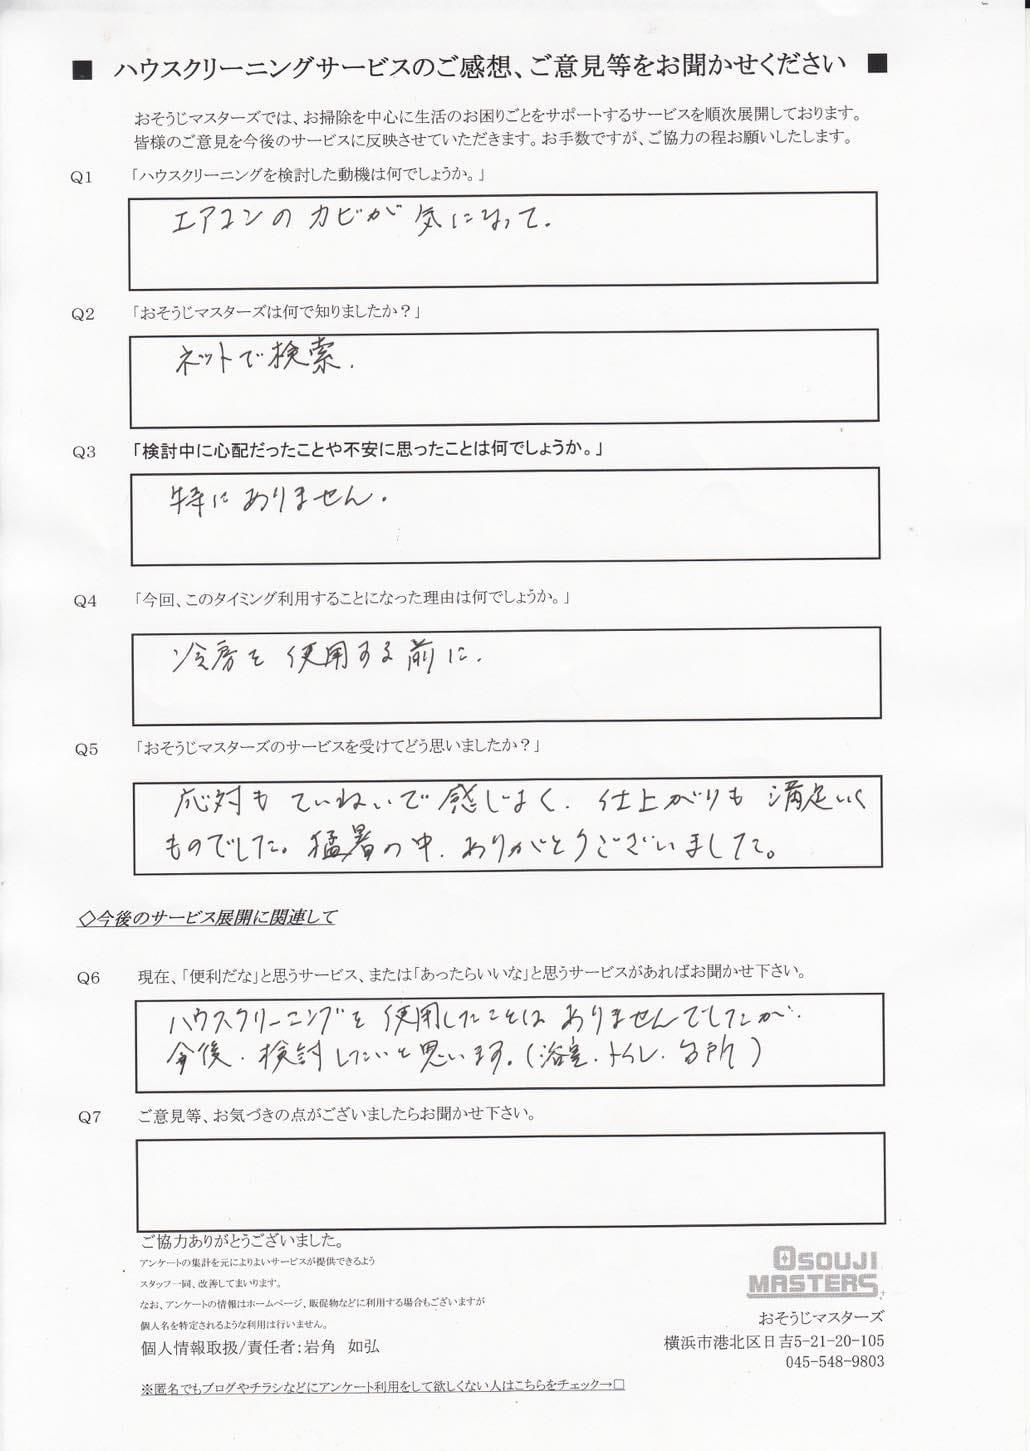 2015/07/22 エアコンクリーニング 横浜市泉区